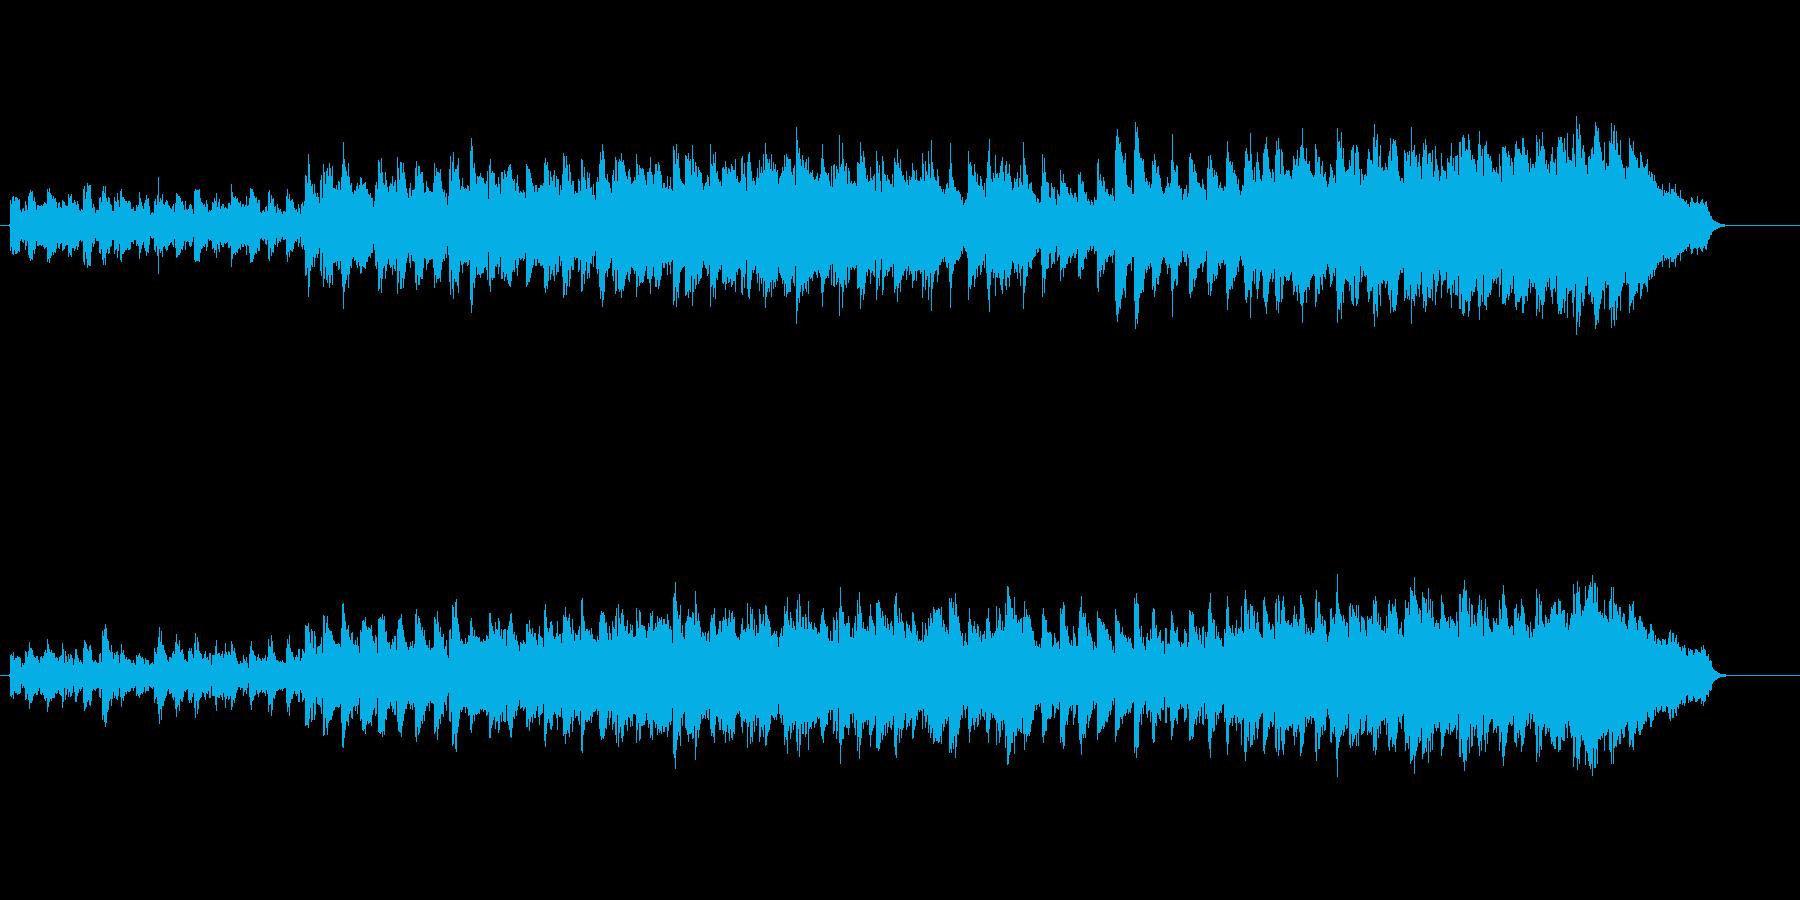 リリカルなセミクラ風(ウィーンへの憧憬)の再生済みの波形